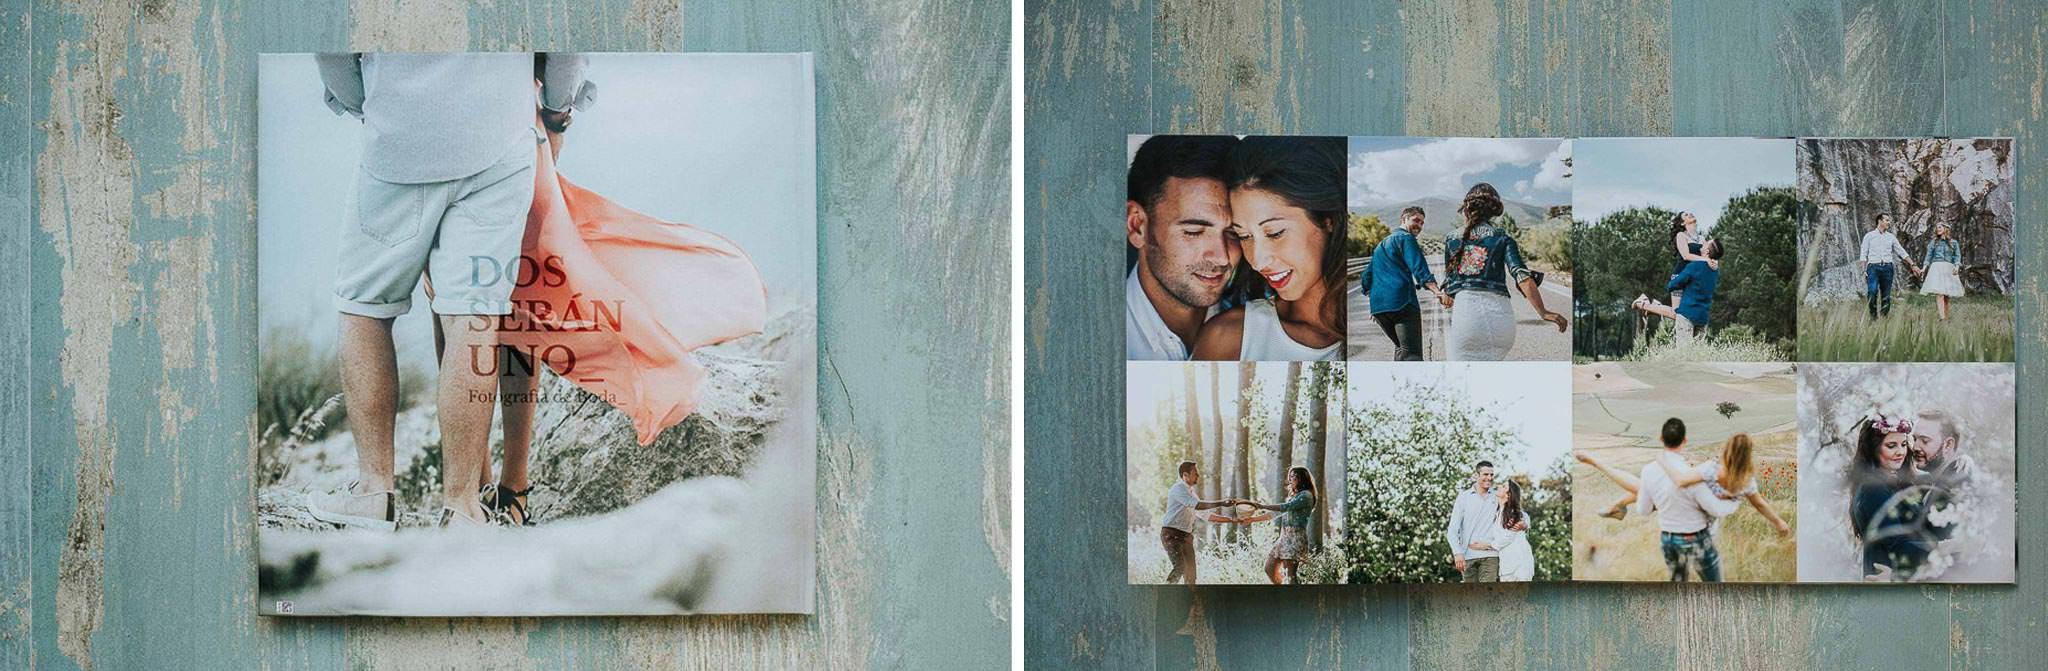 albumes de boda